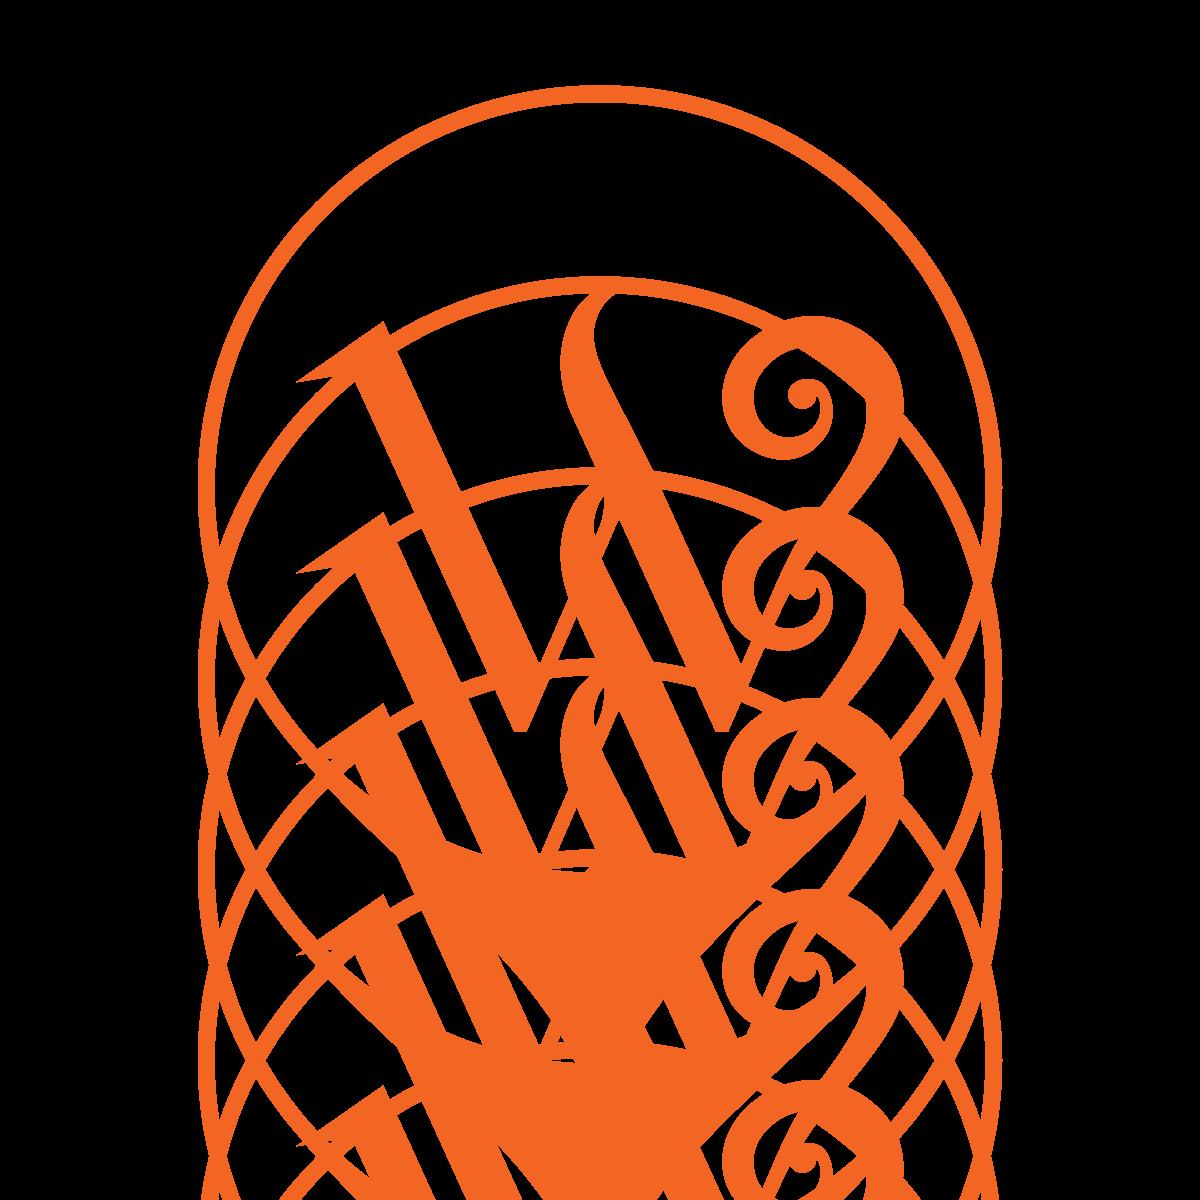 logo wyn v3c colour serif ground.png